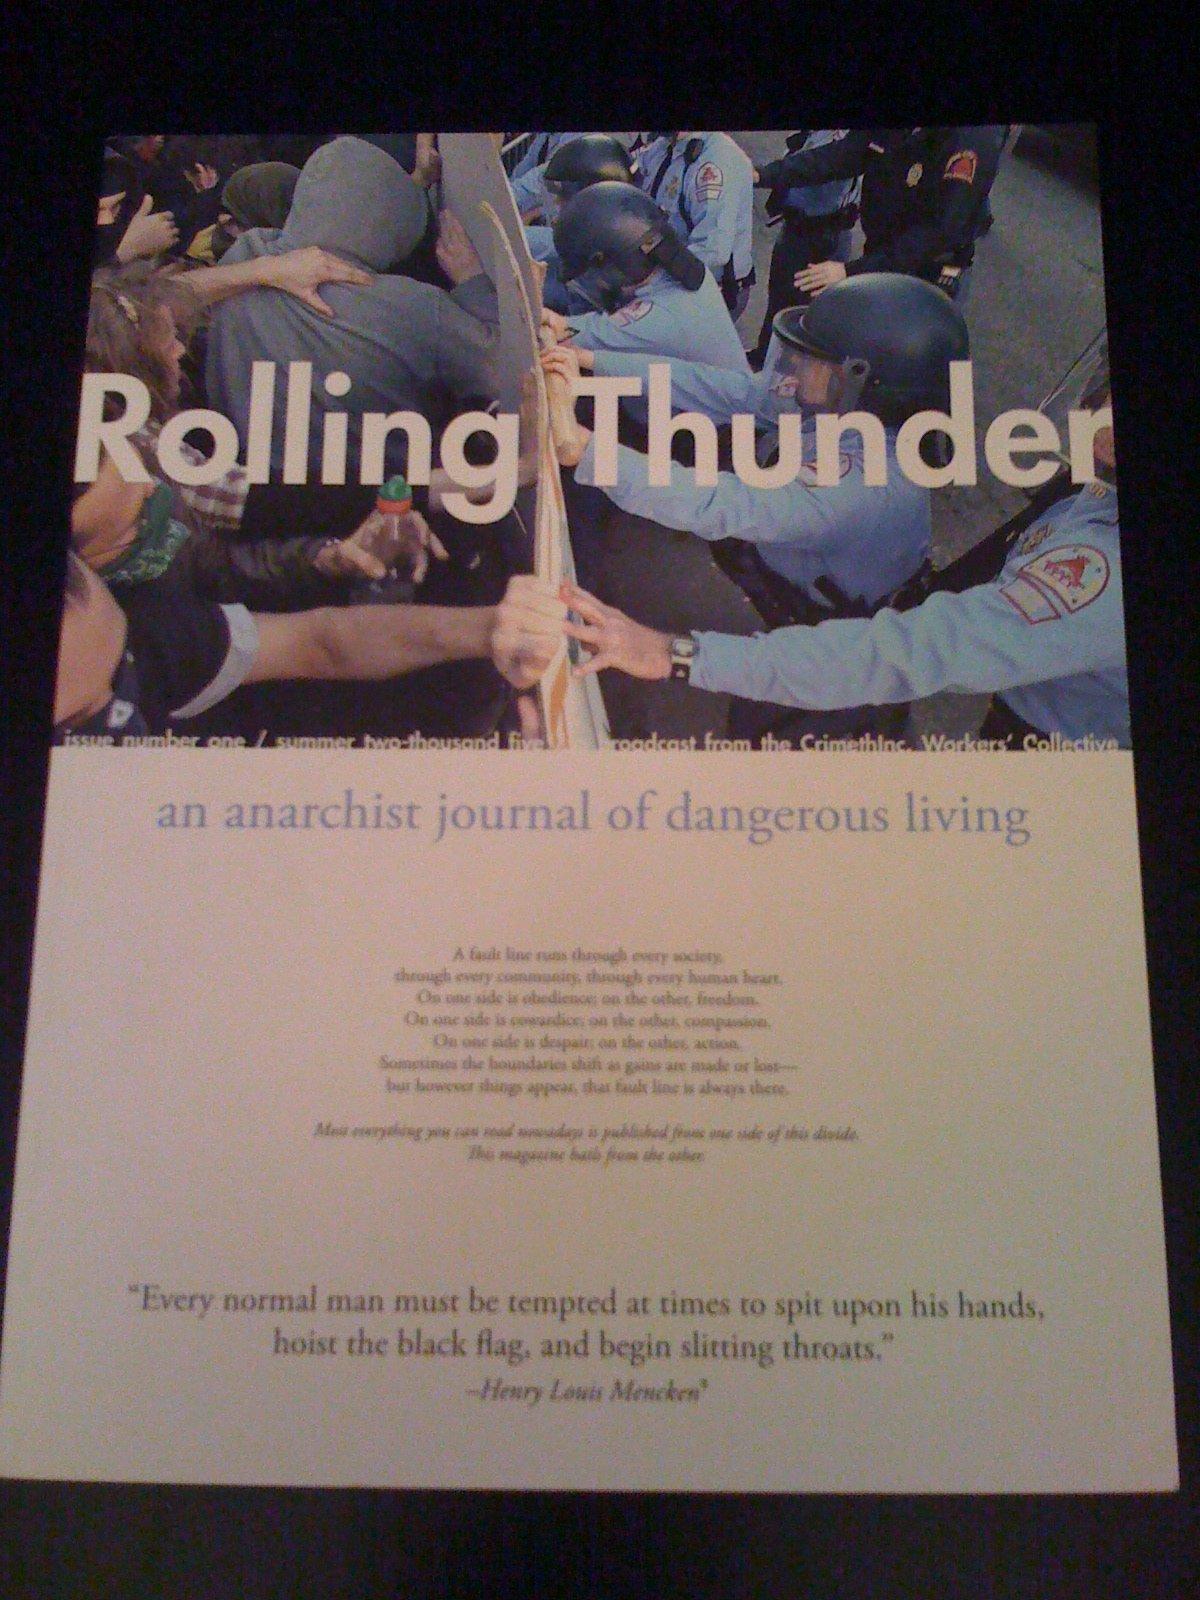 Rolling Thunder An Anarchist Journal of Dangerous Living, CrimethInc